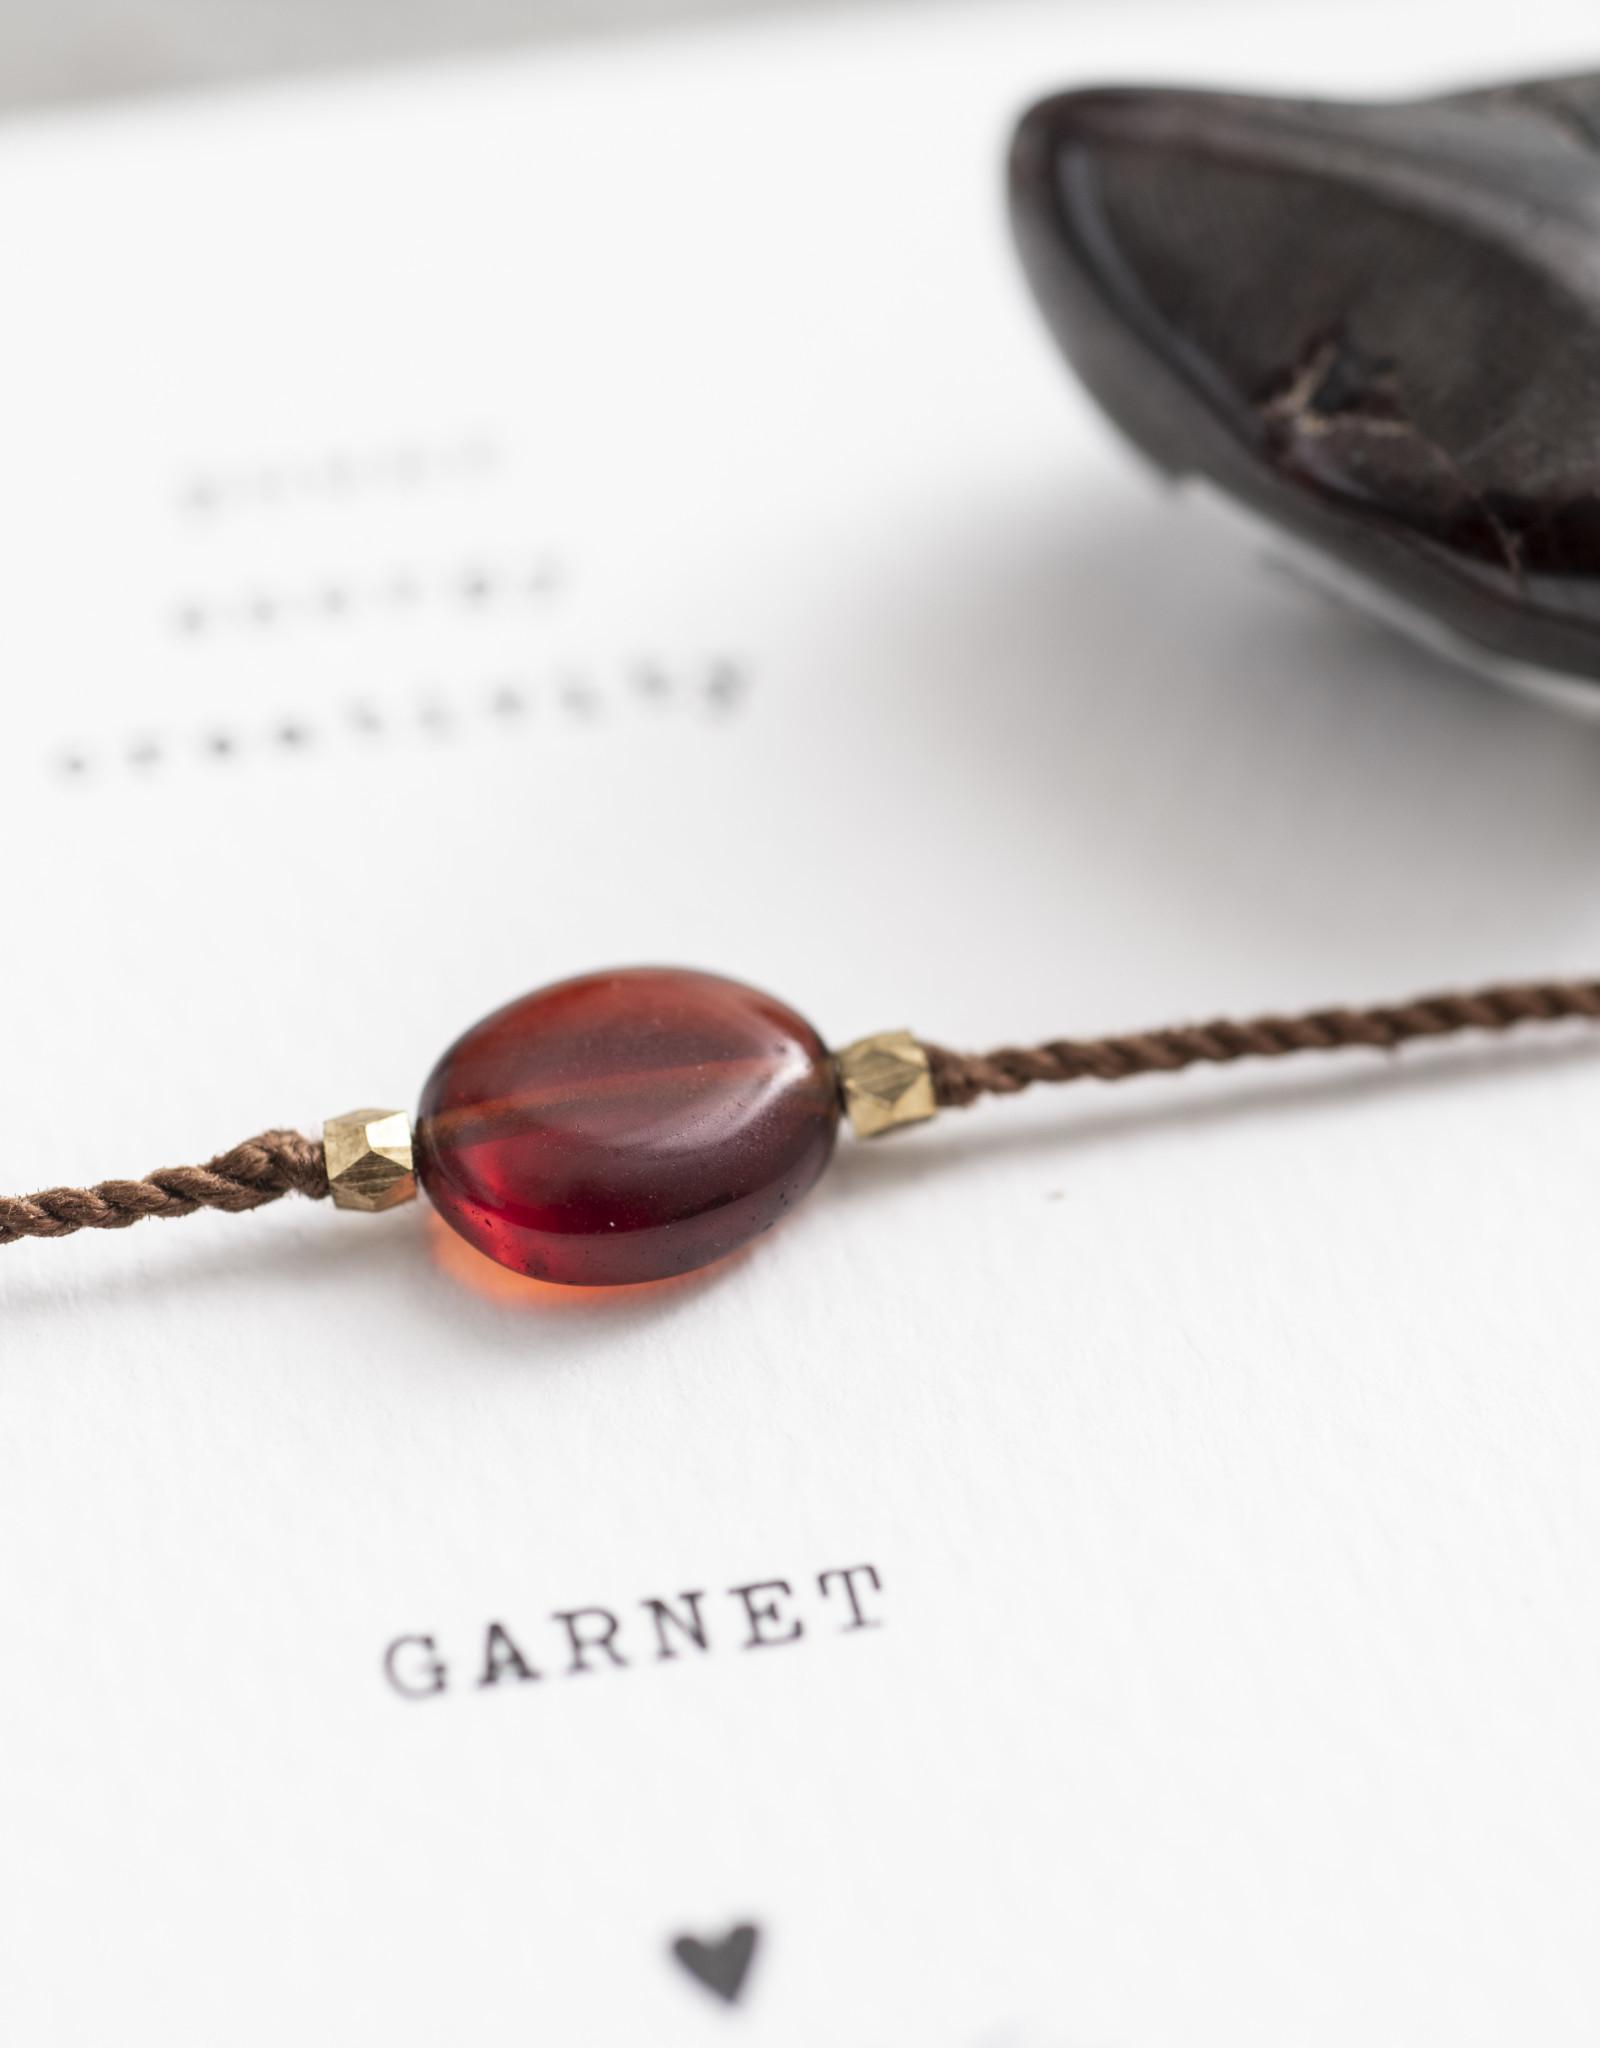 BL22974 Garnet